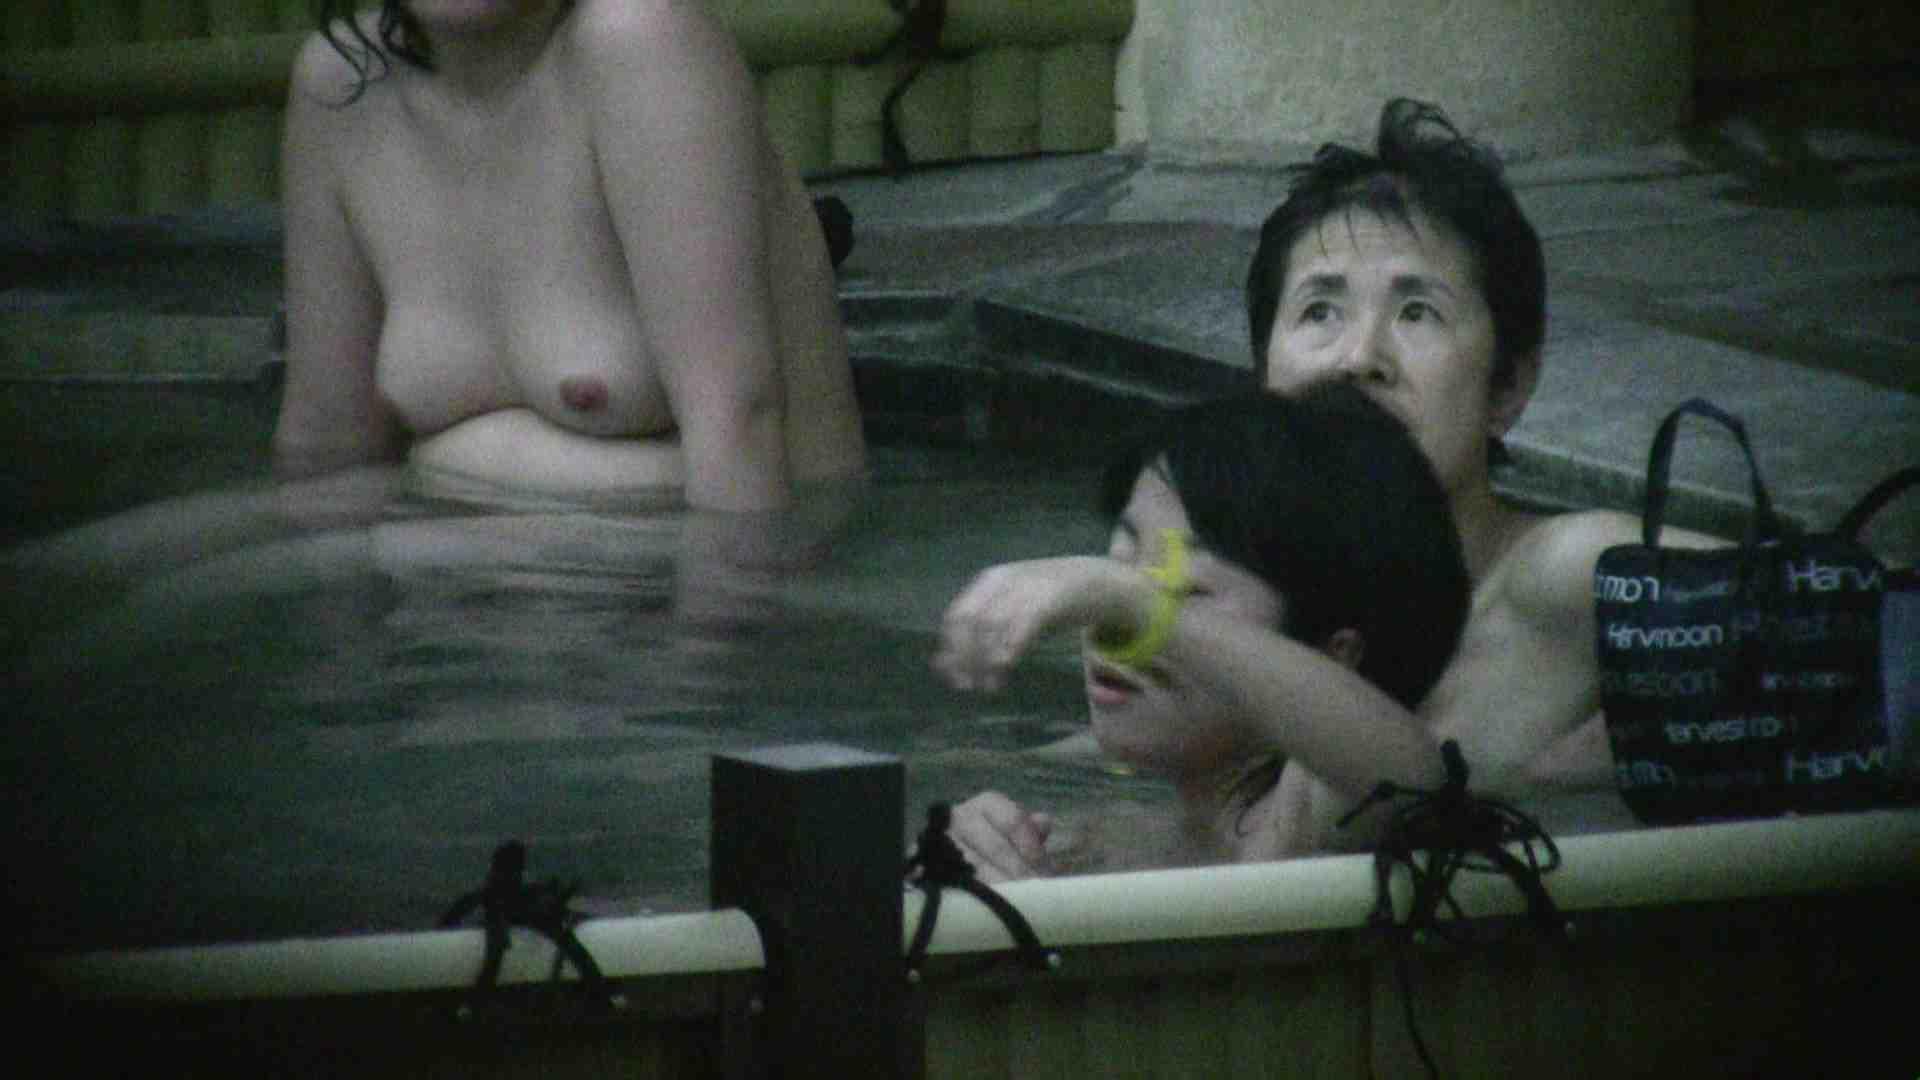 Aquaな露天風呂Vol.112 露天 | 綺麗なOLたち  73枚 1